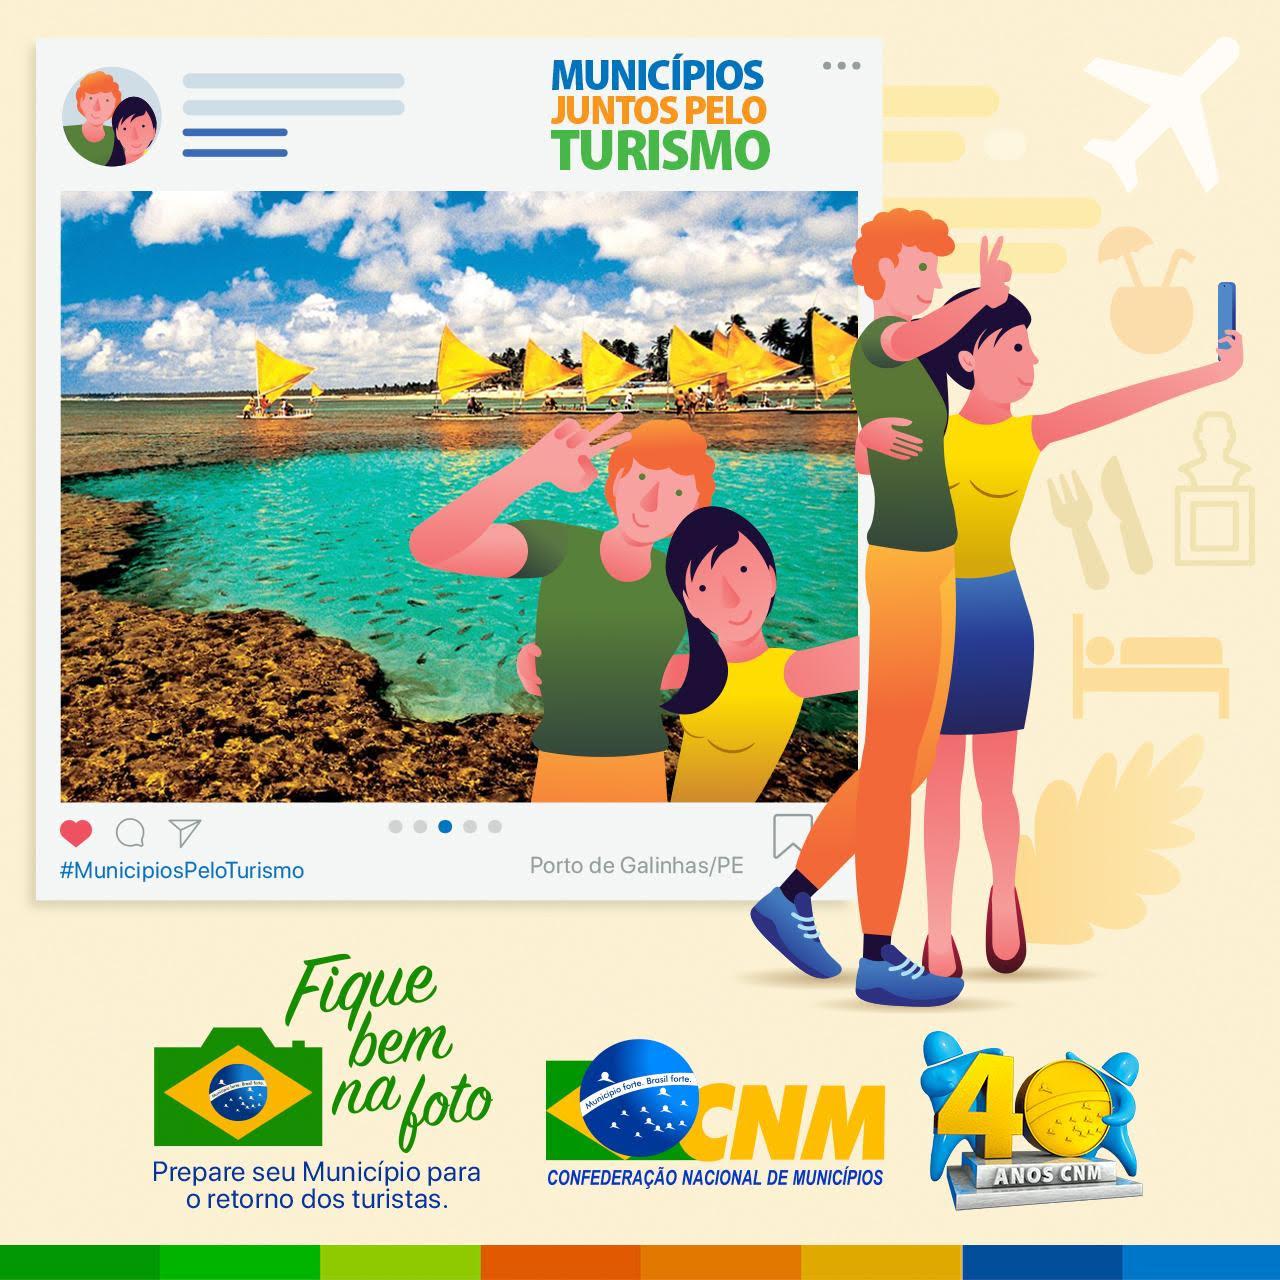 16042020 municipios juntos pelo turismo